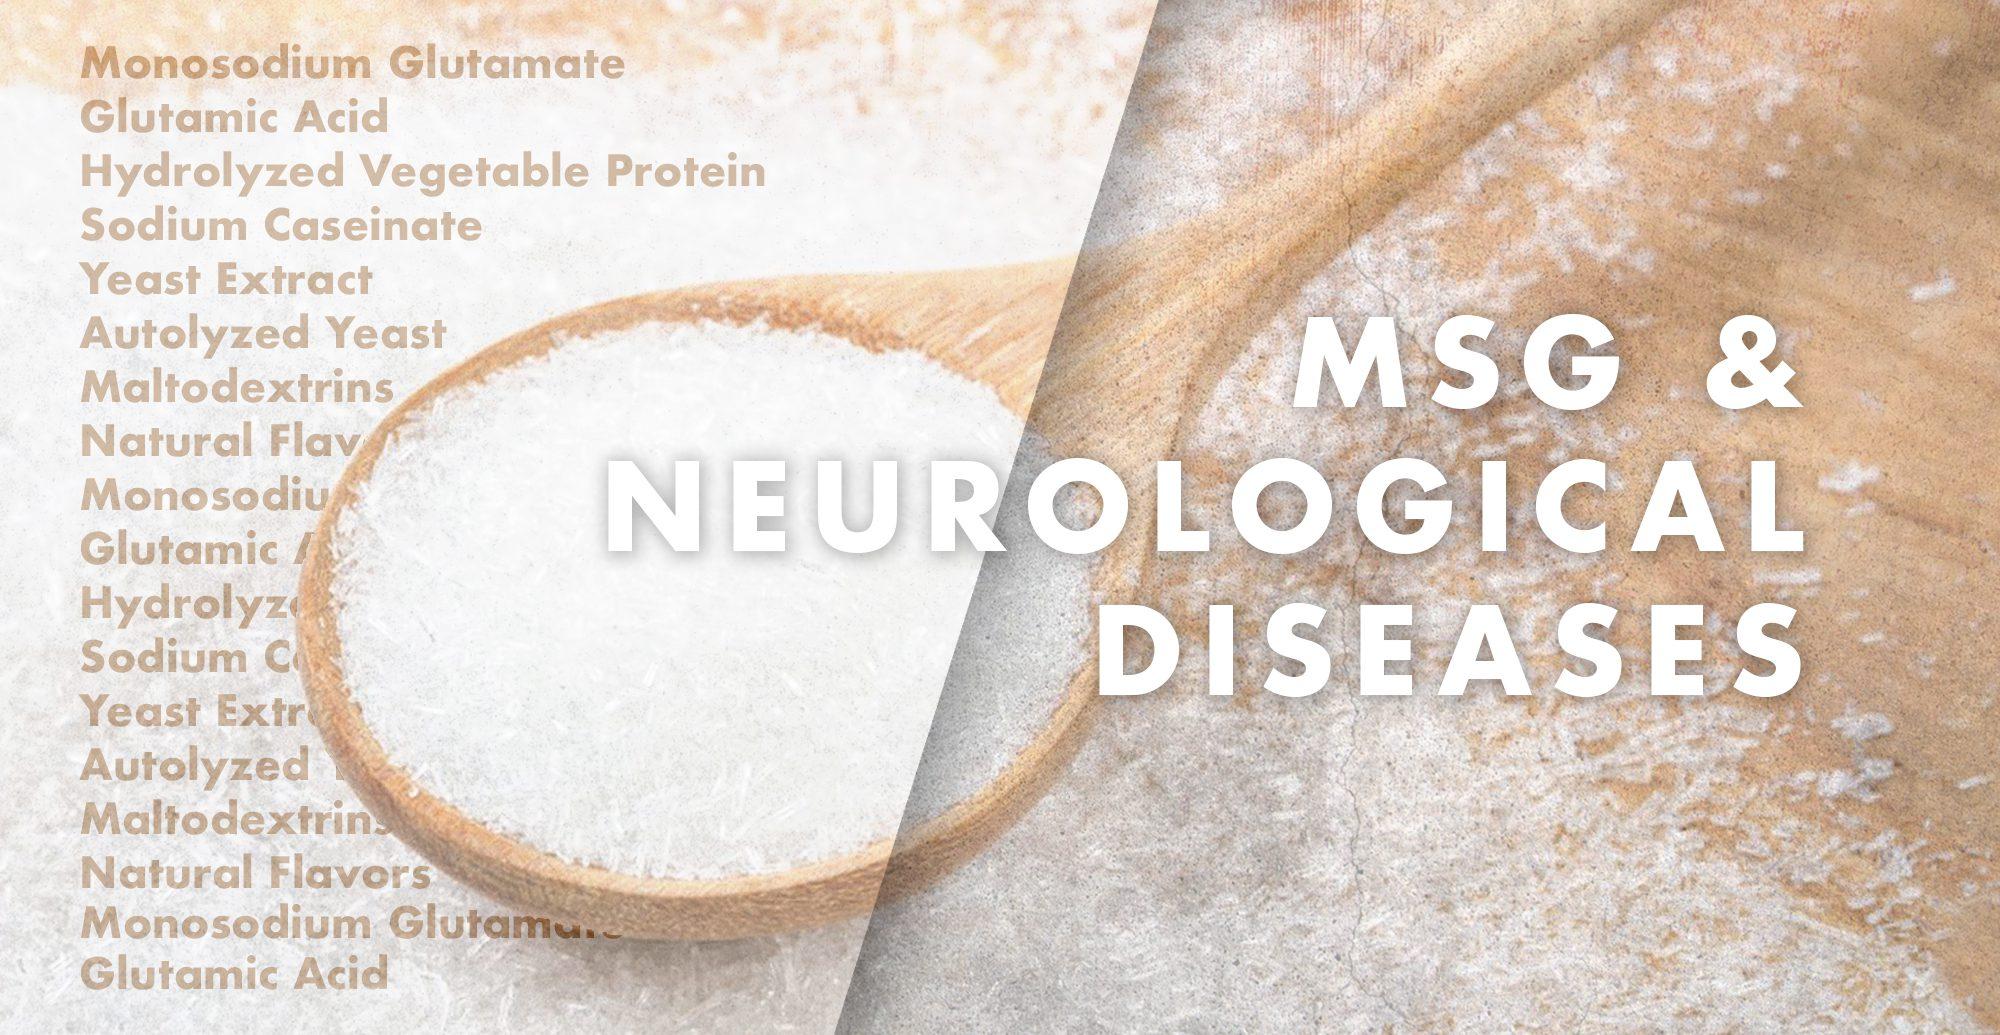 機能神経学:MSGおよび神経疾患| テキサス州カイロプラクター、エルパソ